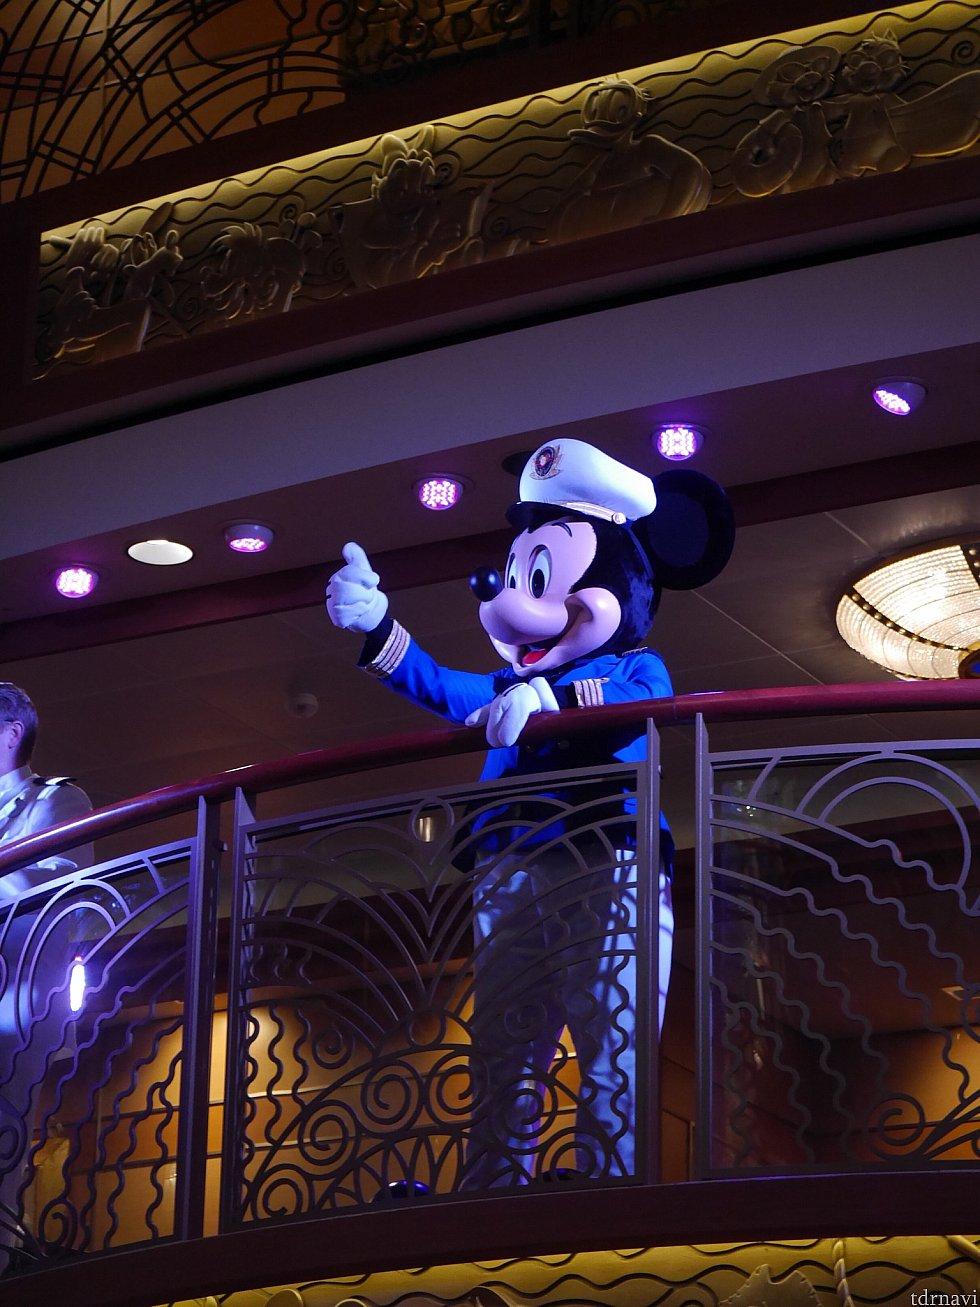 船長のミッキー!楽しい船旅をありがとう!という気持ちになりました。